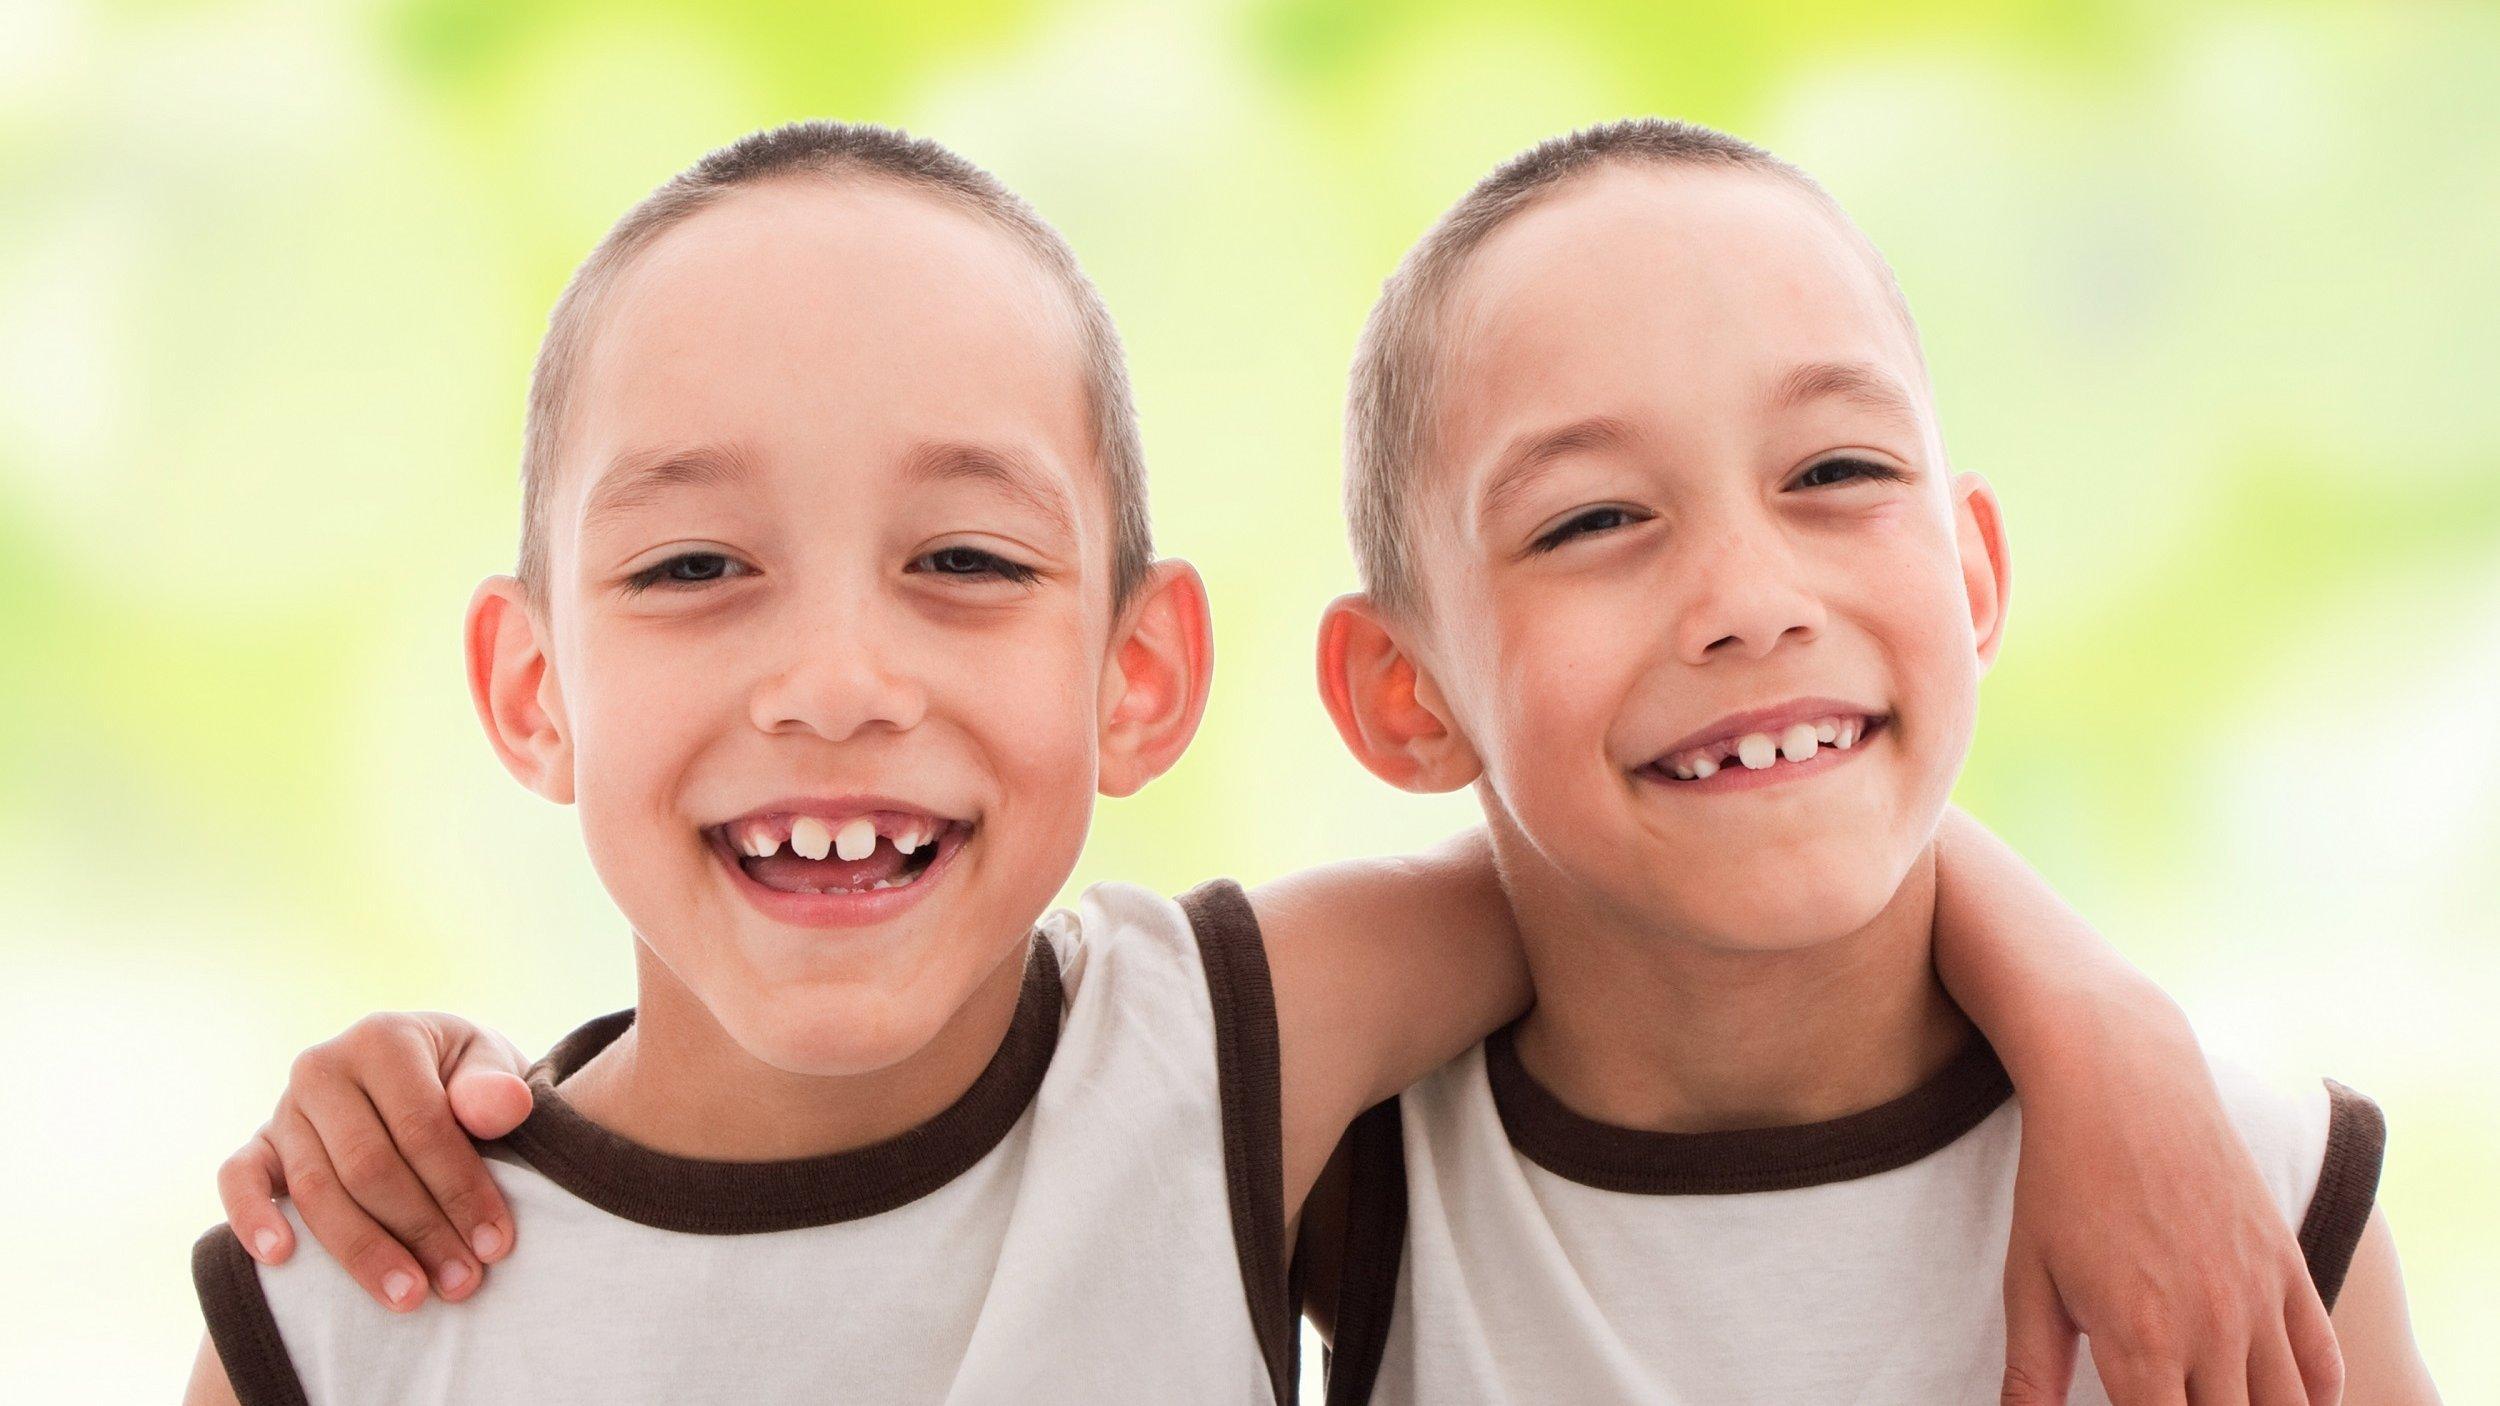 Zwei fröhliche Jungen, die sich so ähnlich sehen, dass es eineiige Zwillinge sein dürften, lächeln in die Kamera.